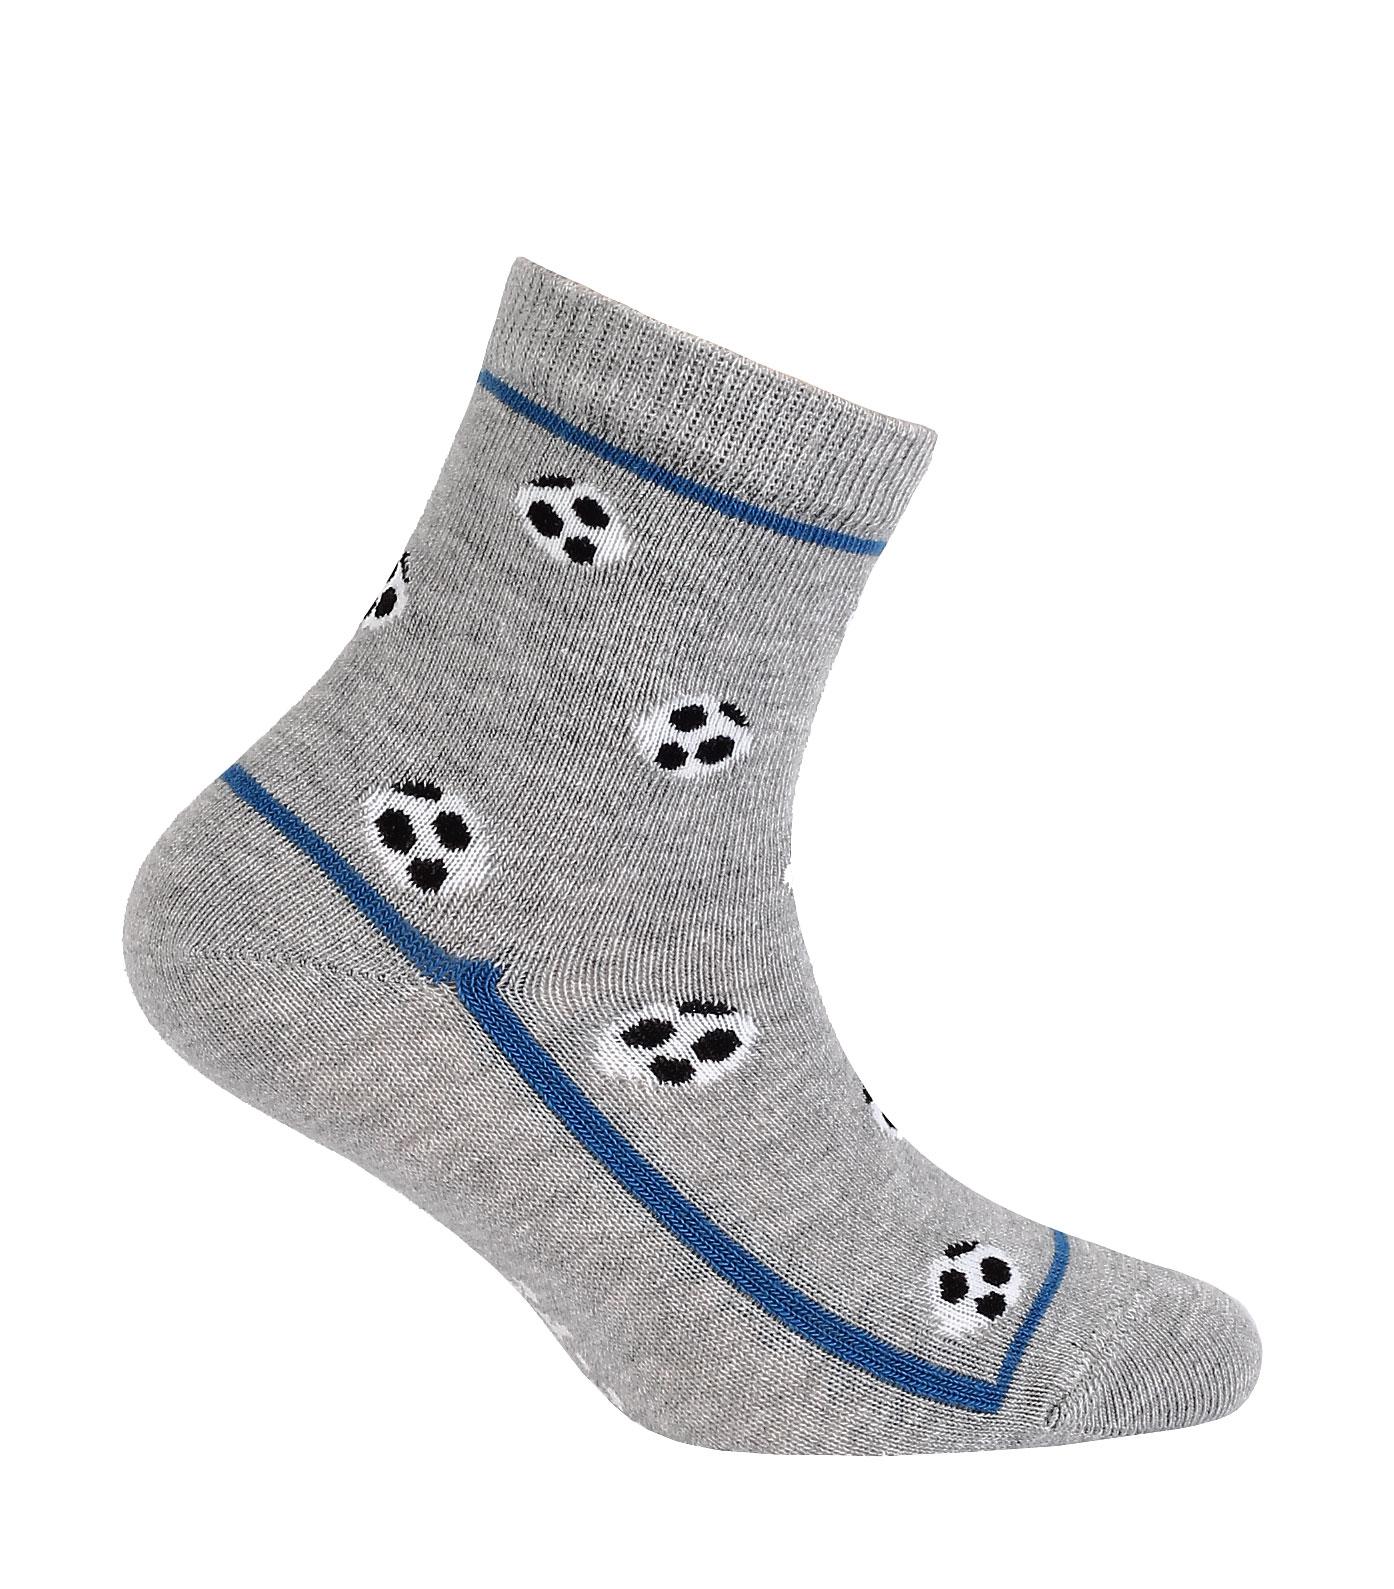 Chlapecké ponožky s obrázkem WOLA MÍČE šedé Velikost: 21-23